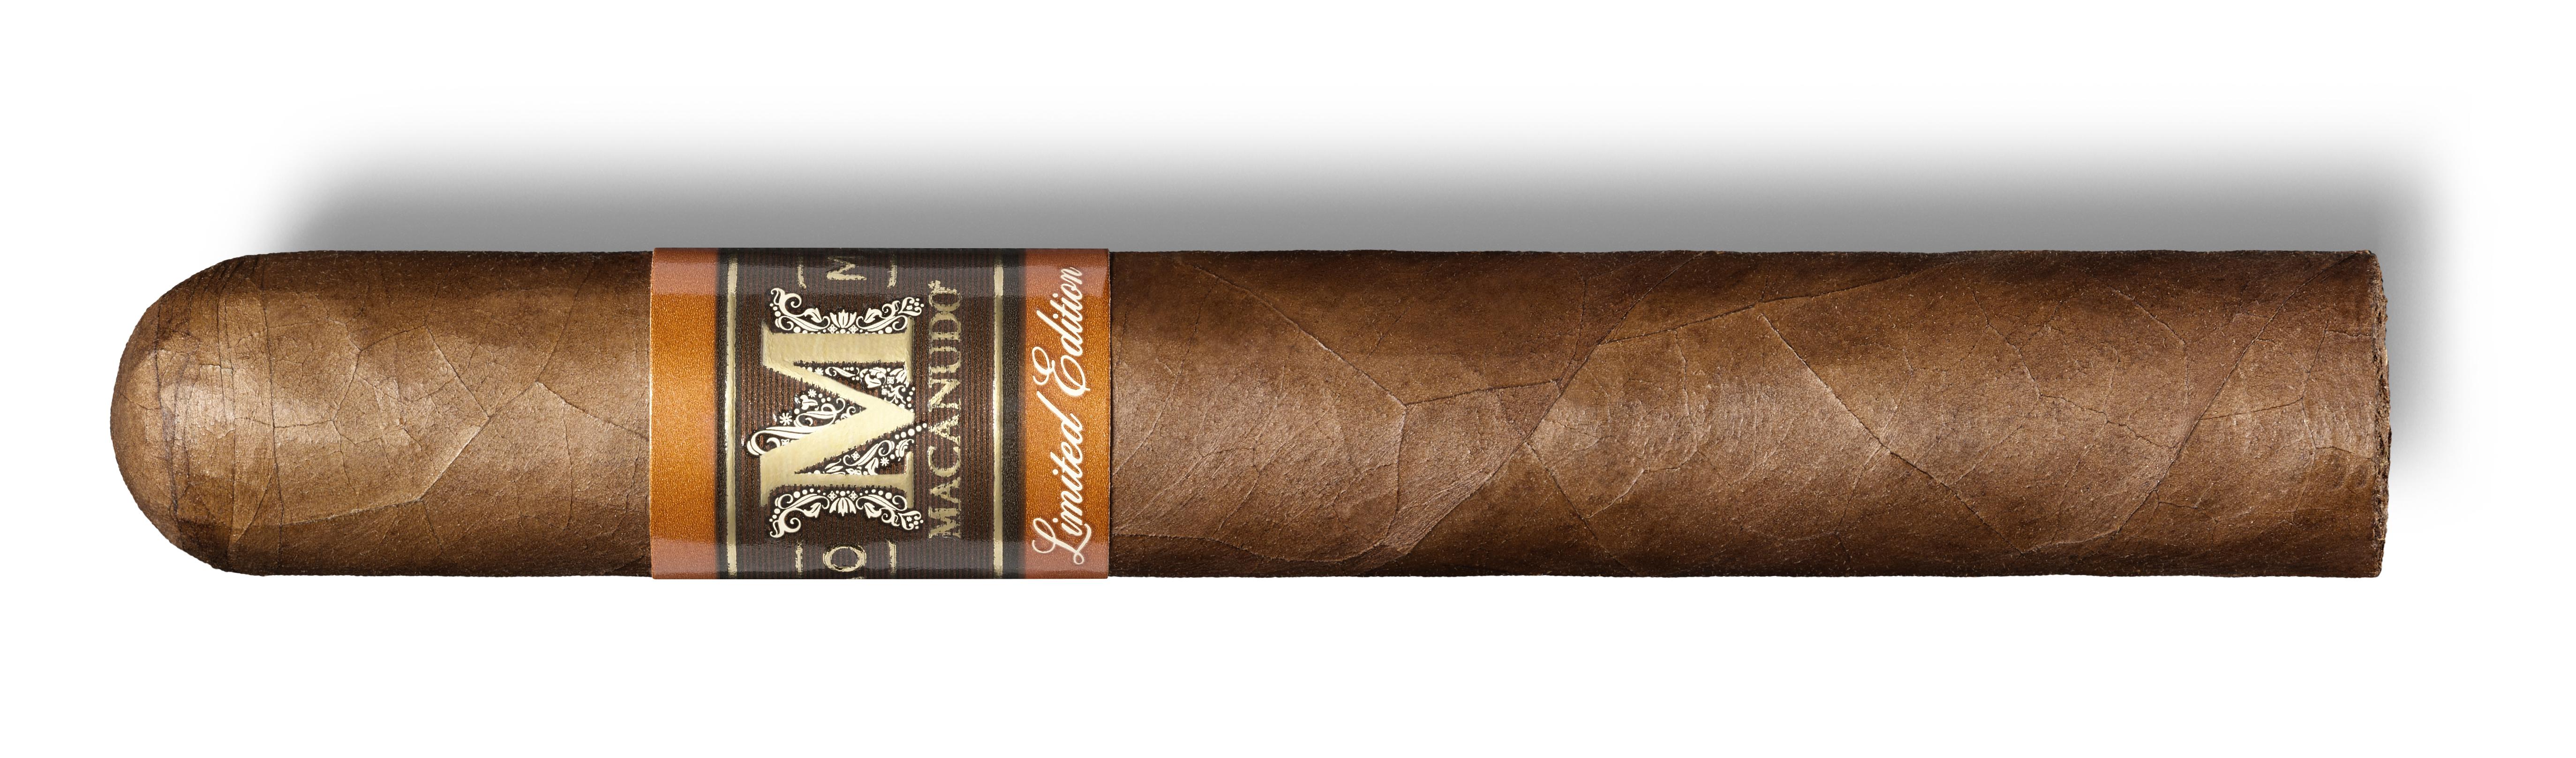 Macanudo Mao_cigar